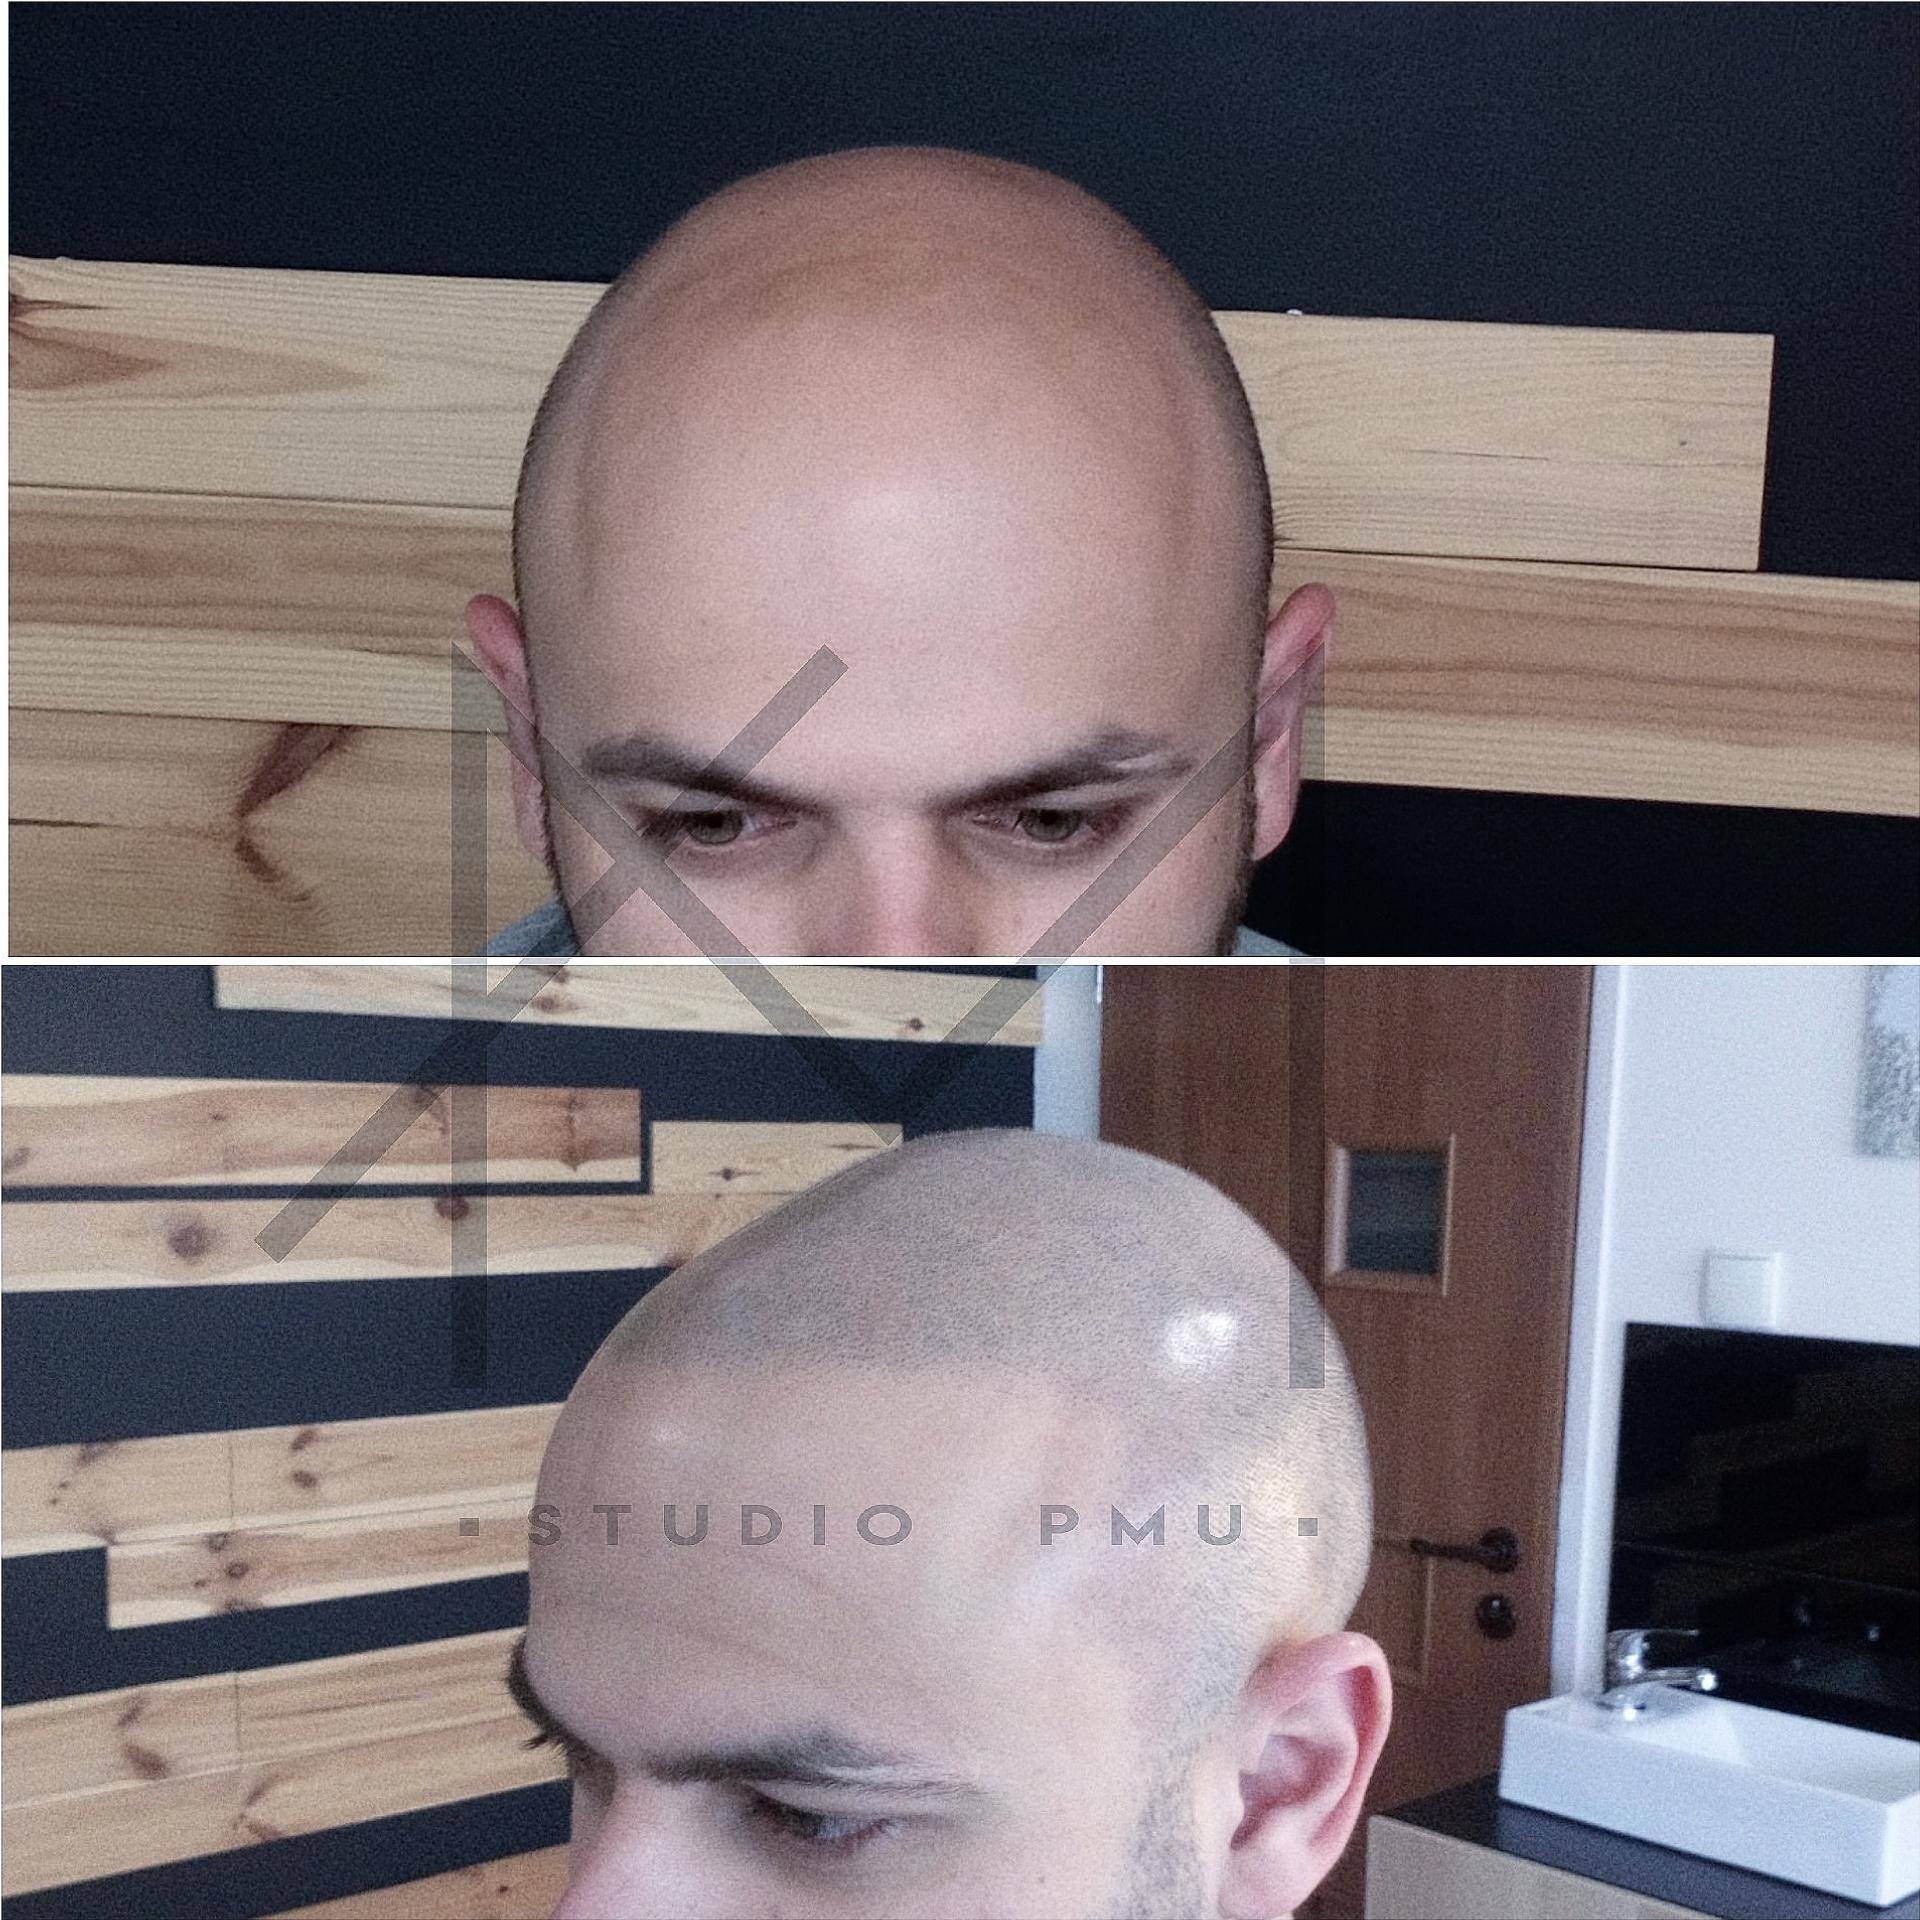 głowa męska po zabiegu mikropigmentacji